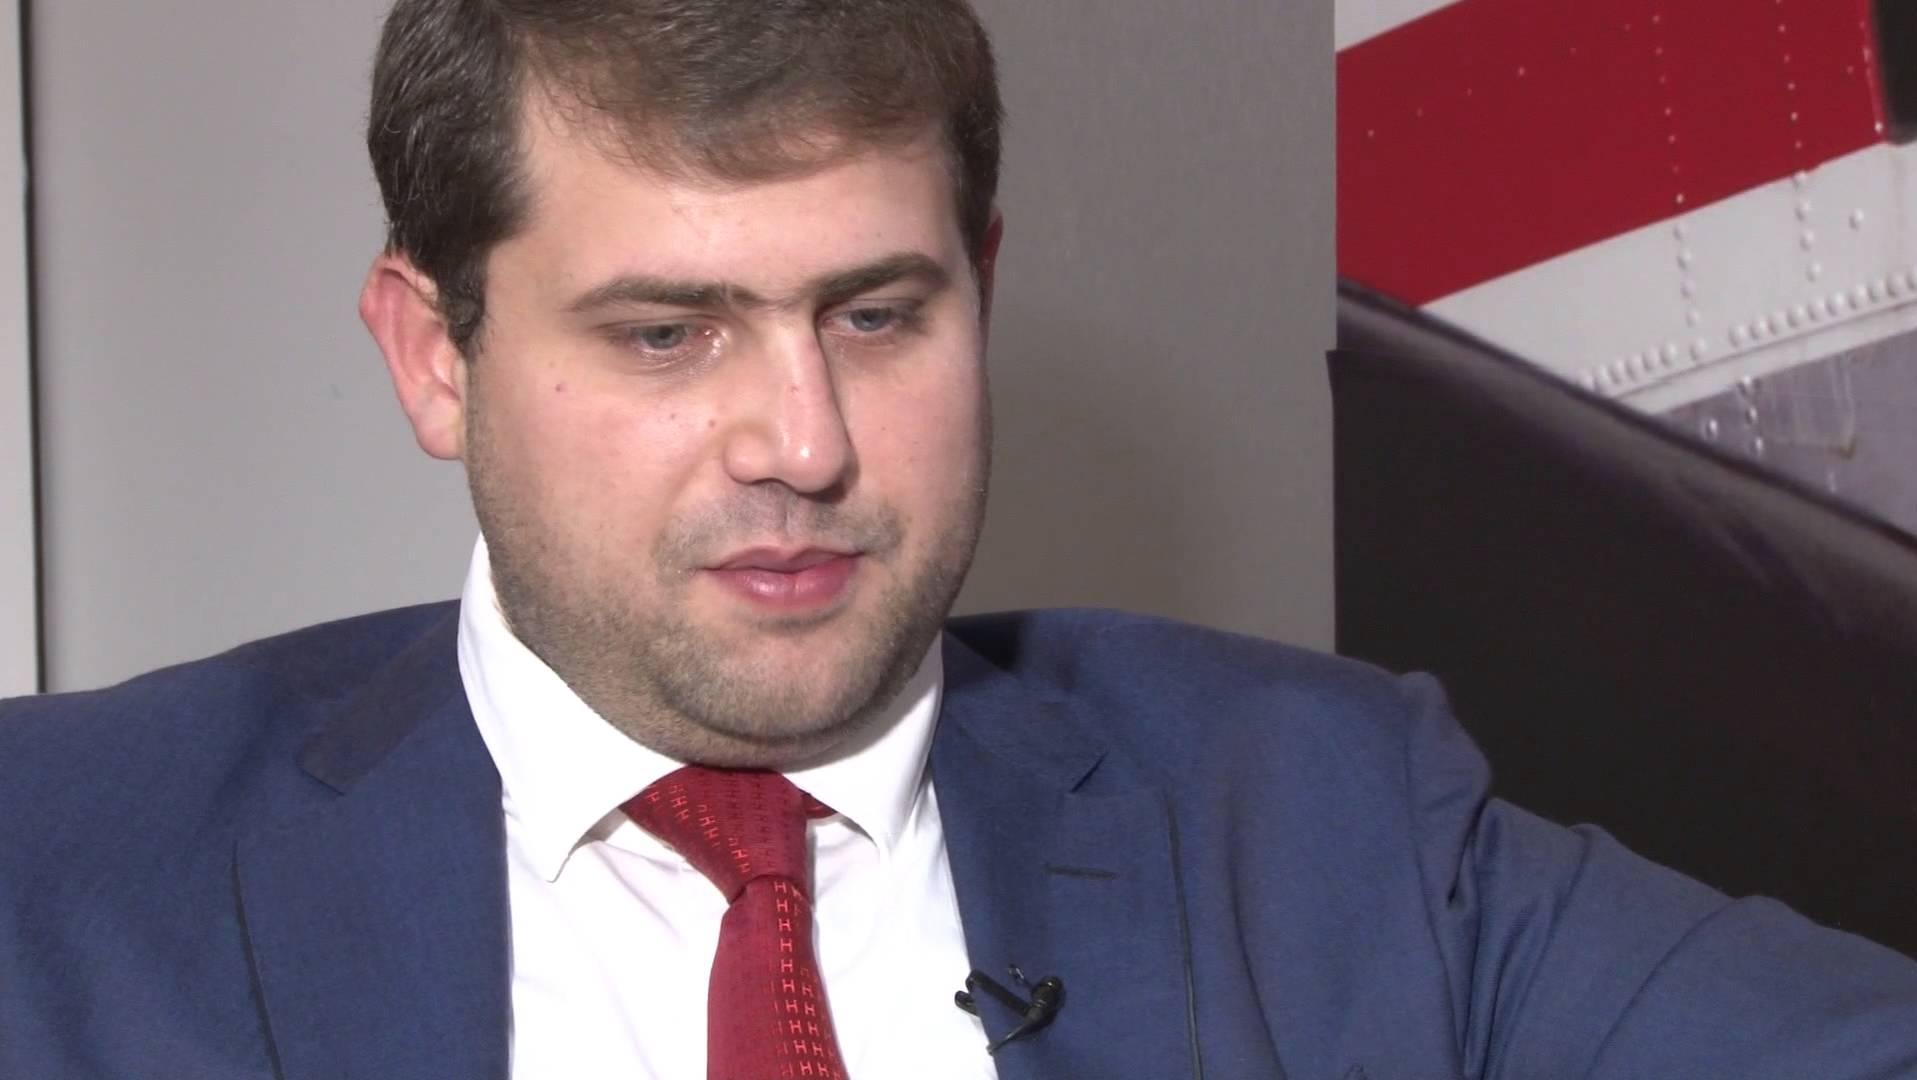 Додон о Шоре: Политик с низкой социальной ответственностью, который даже в туалет не ходит без разрешения Плахотнюка (ВИДЕО)